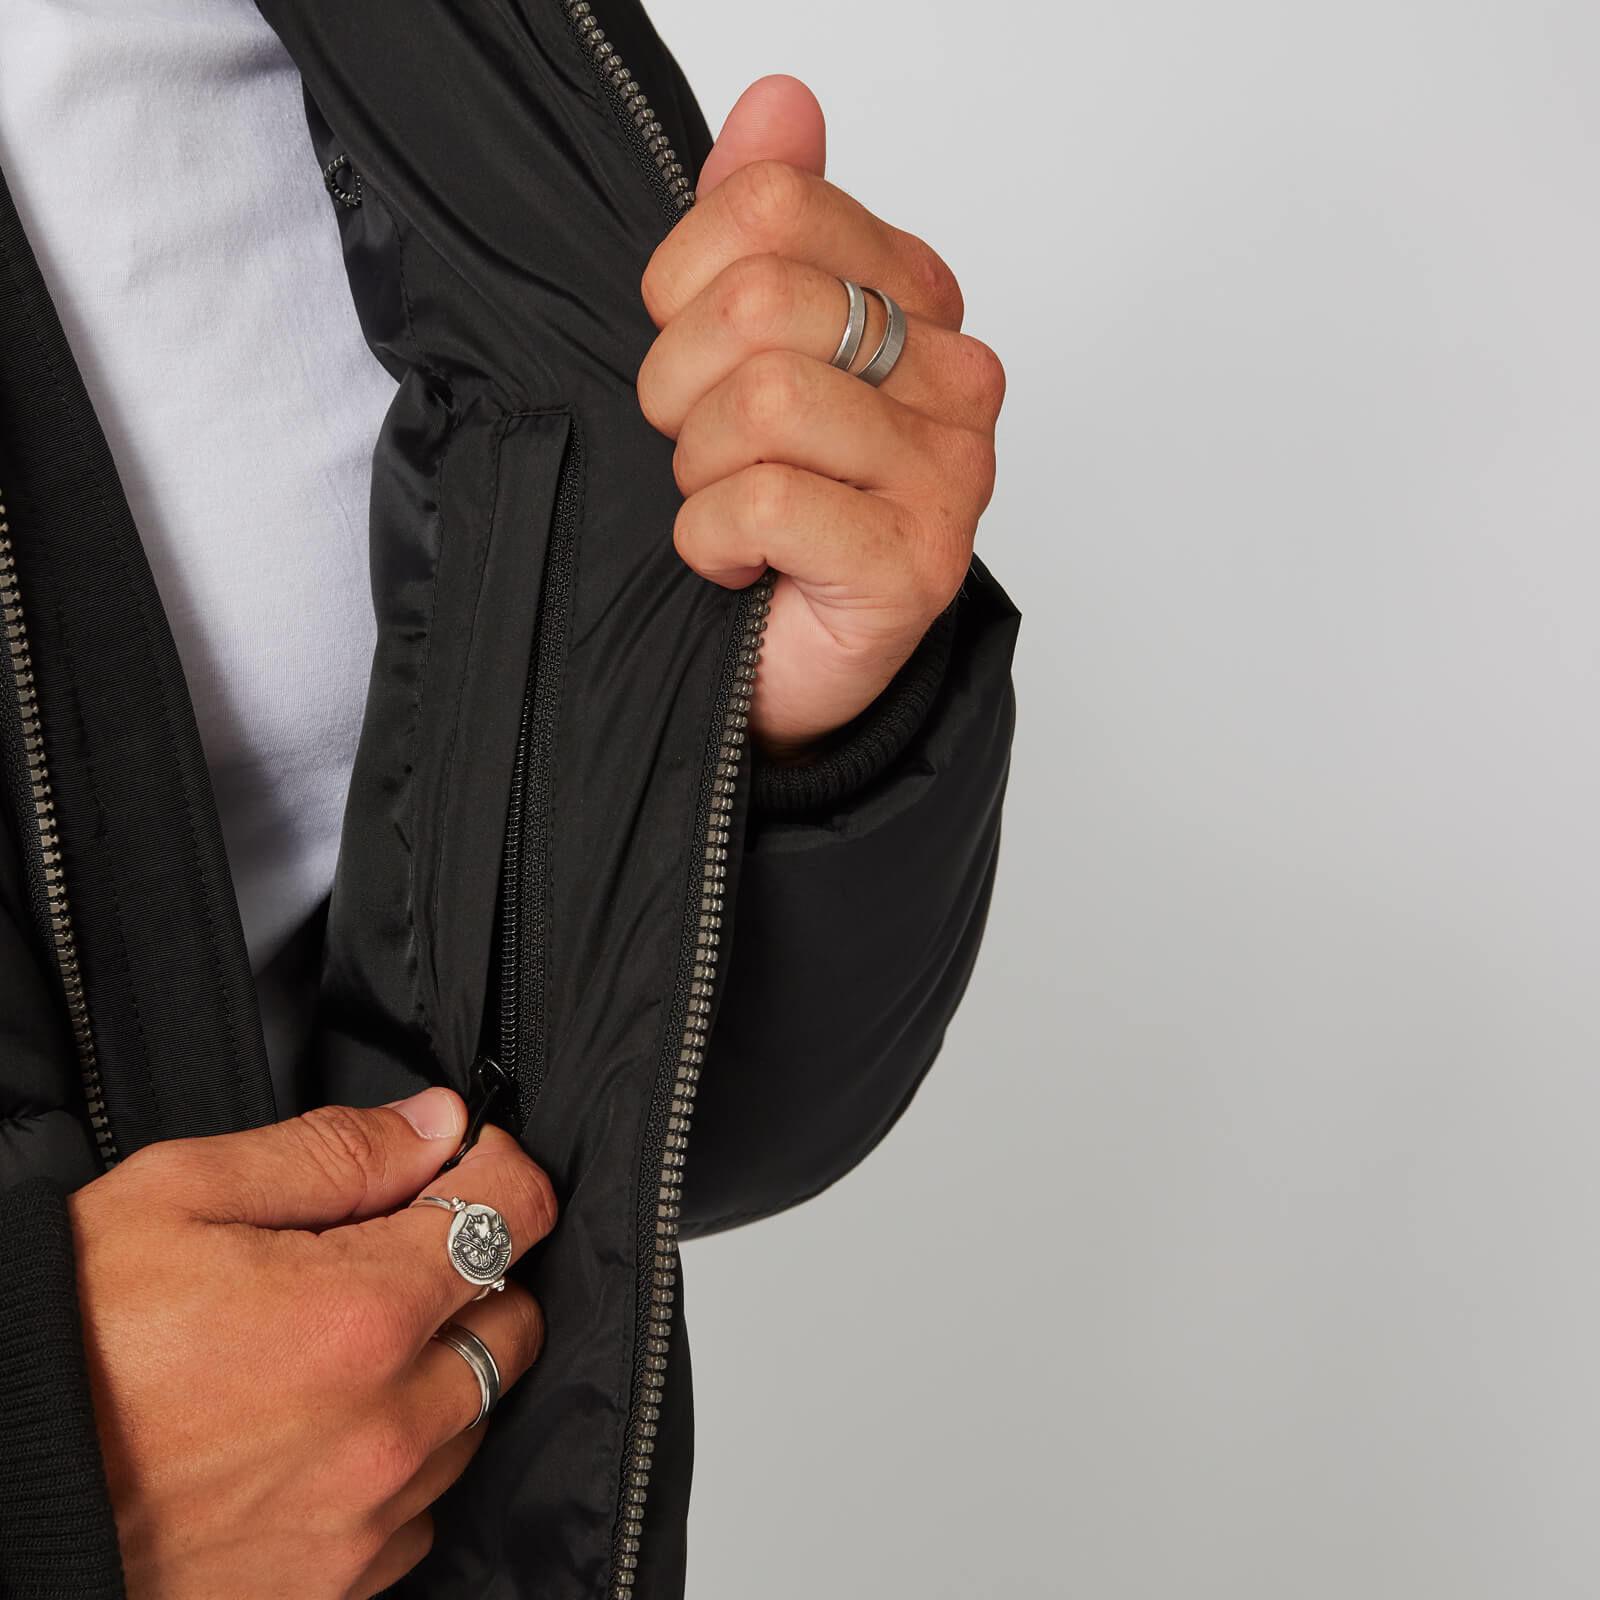 Myprotein Doudoune Double Panneaux pour Hommes - Vestes & Manteaux